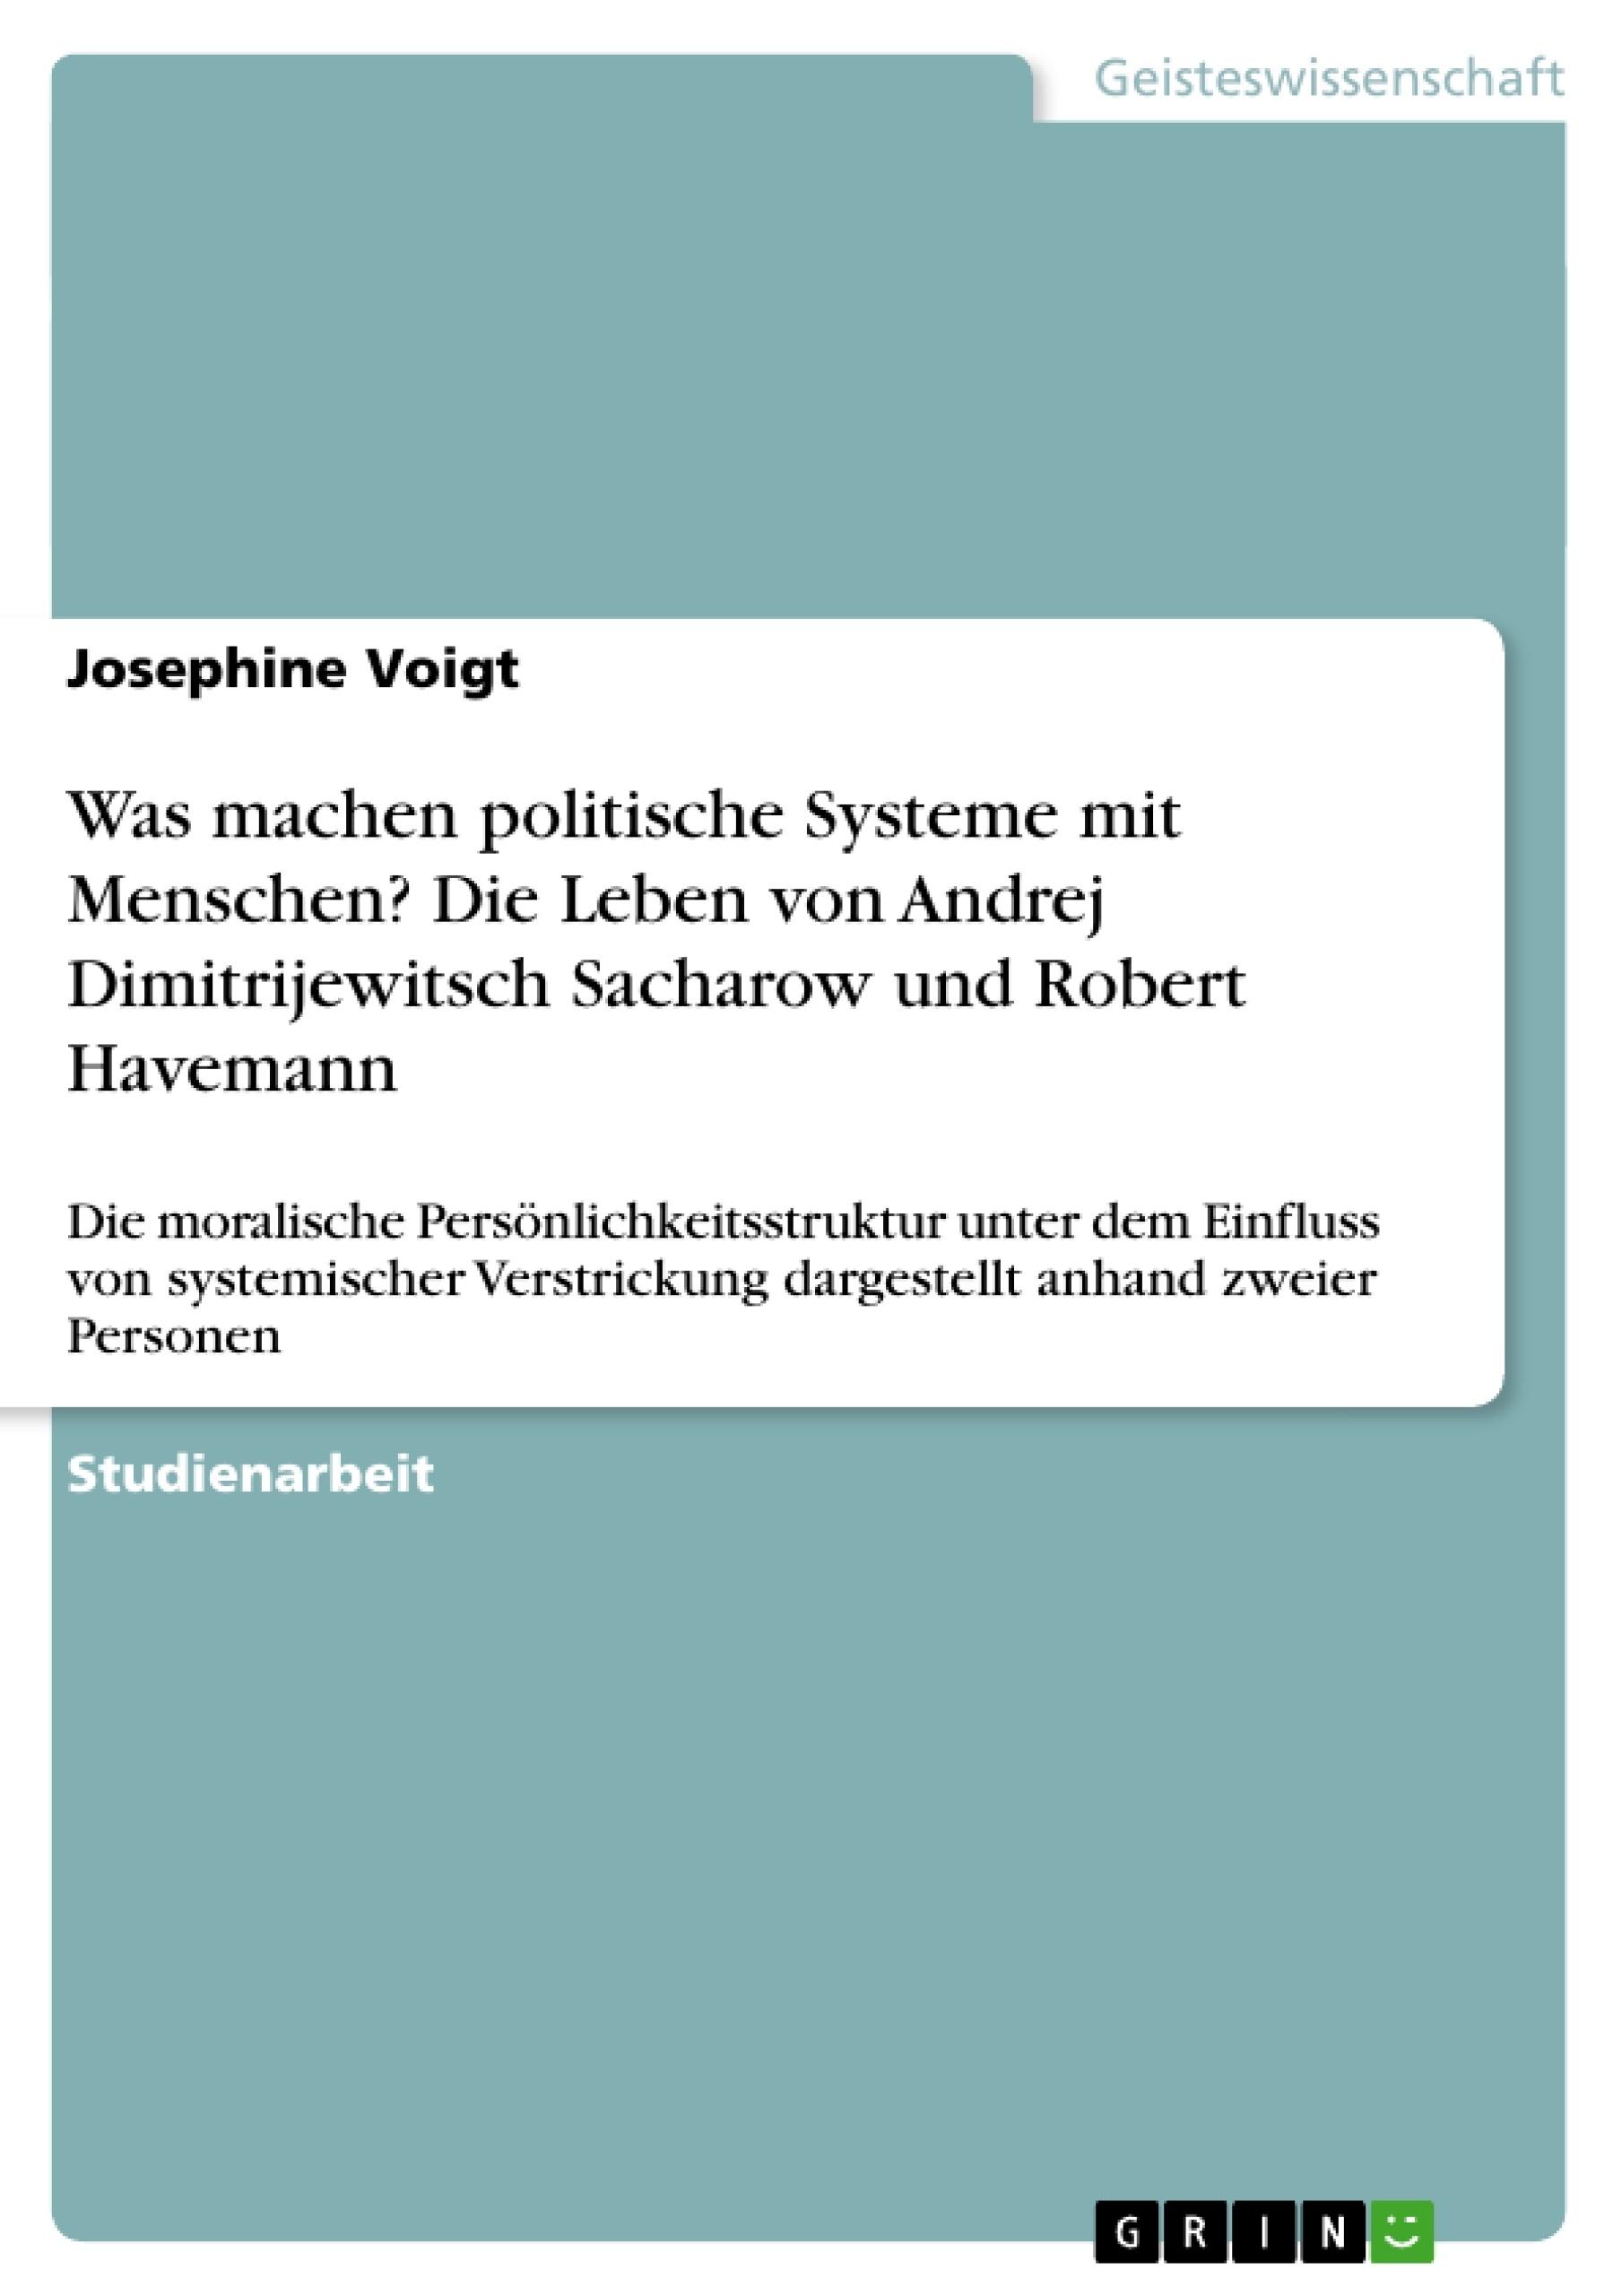 Titel: Was machen politische Systeme mit Menschen? Die Leben von Andrej Dimitrijewitsch Sacharow und Robert Havemann